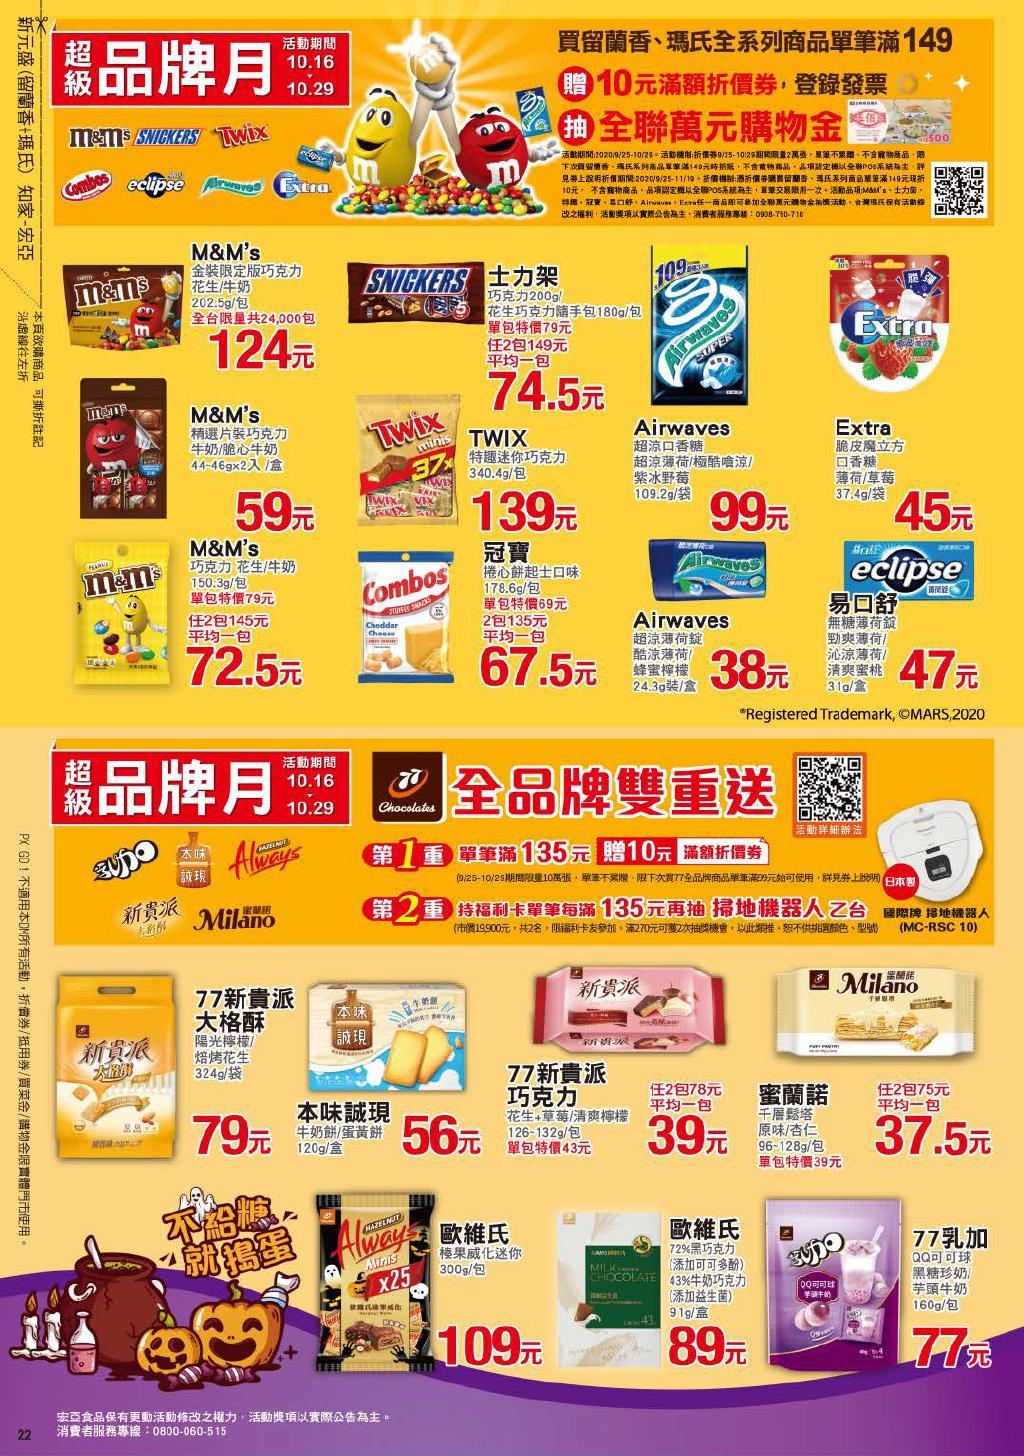 pxmart20201029_000022.jpg